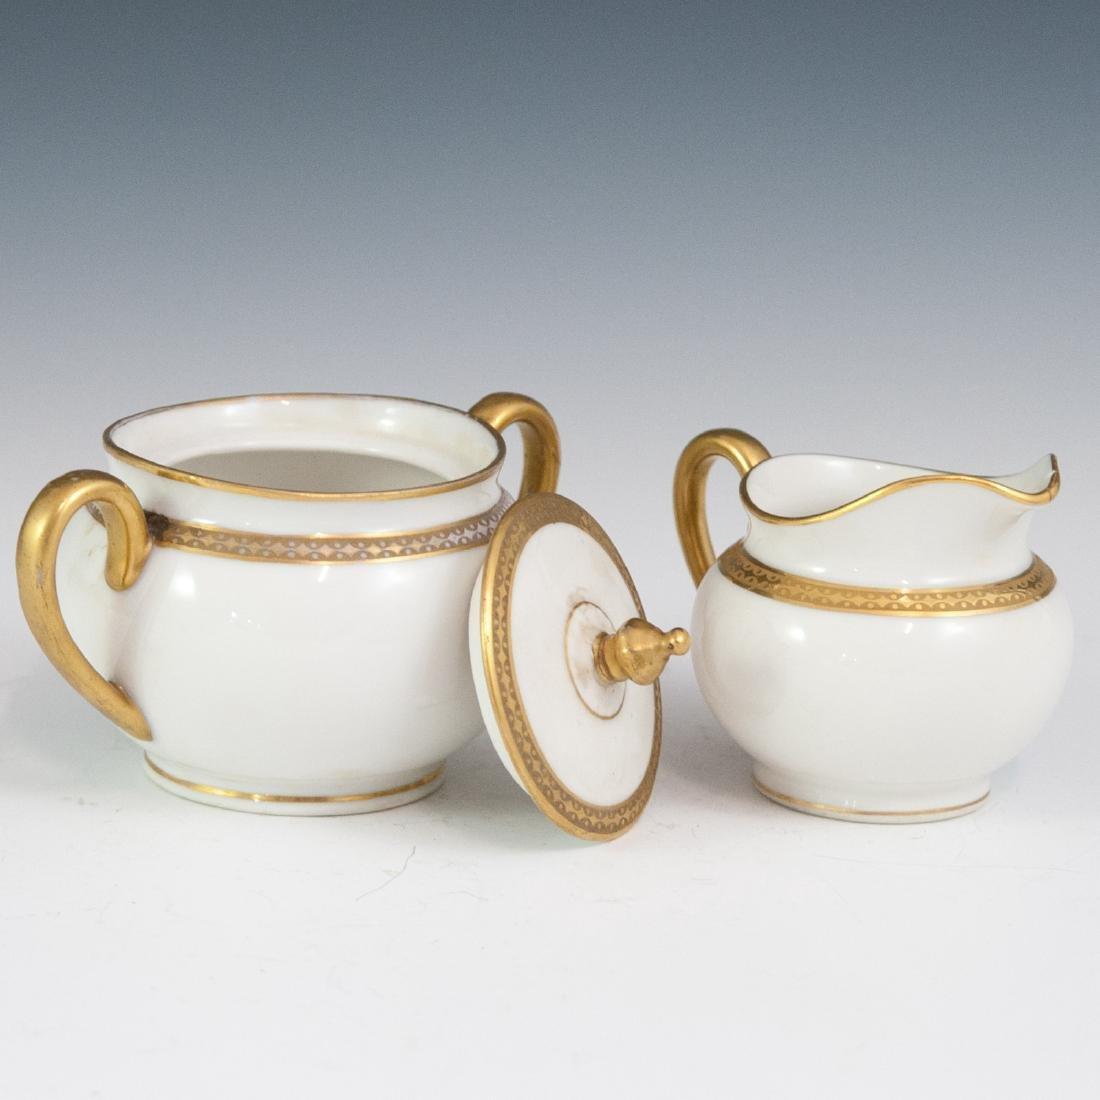 Theodore Haviland Limoges Porcelain Set - 2